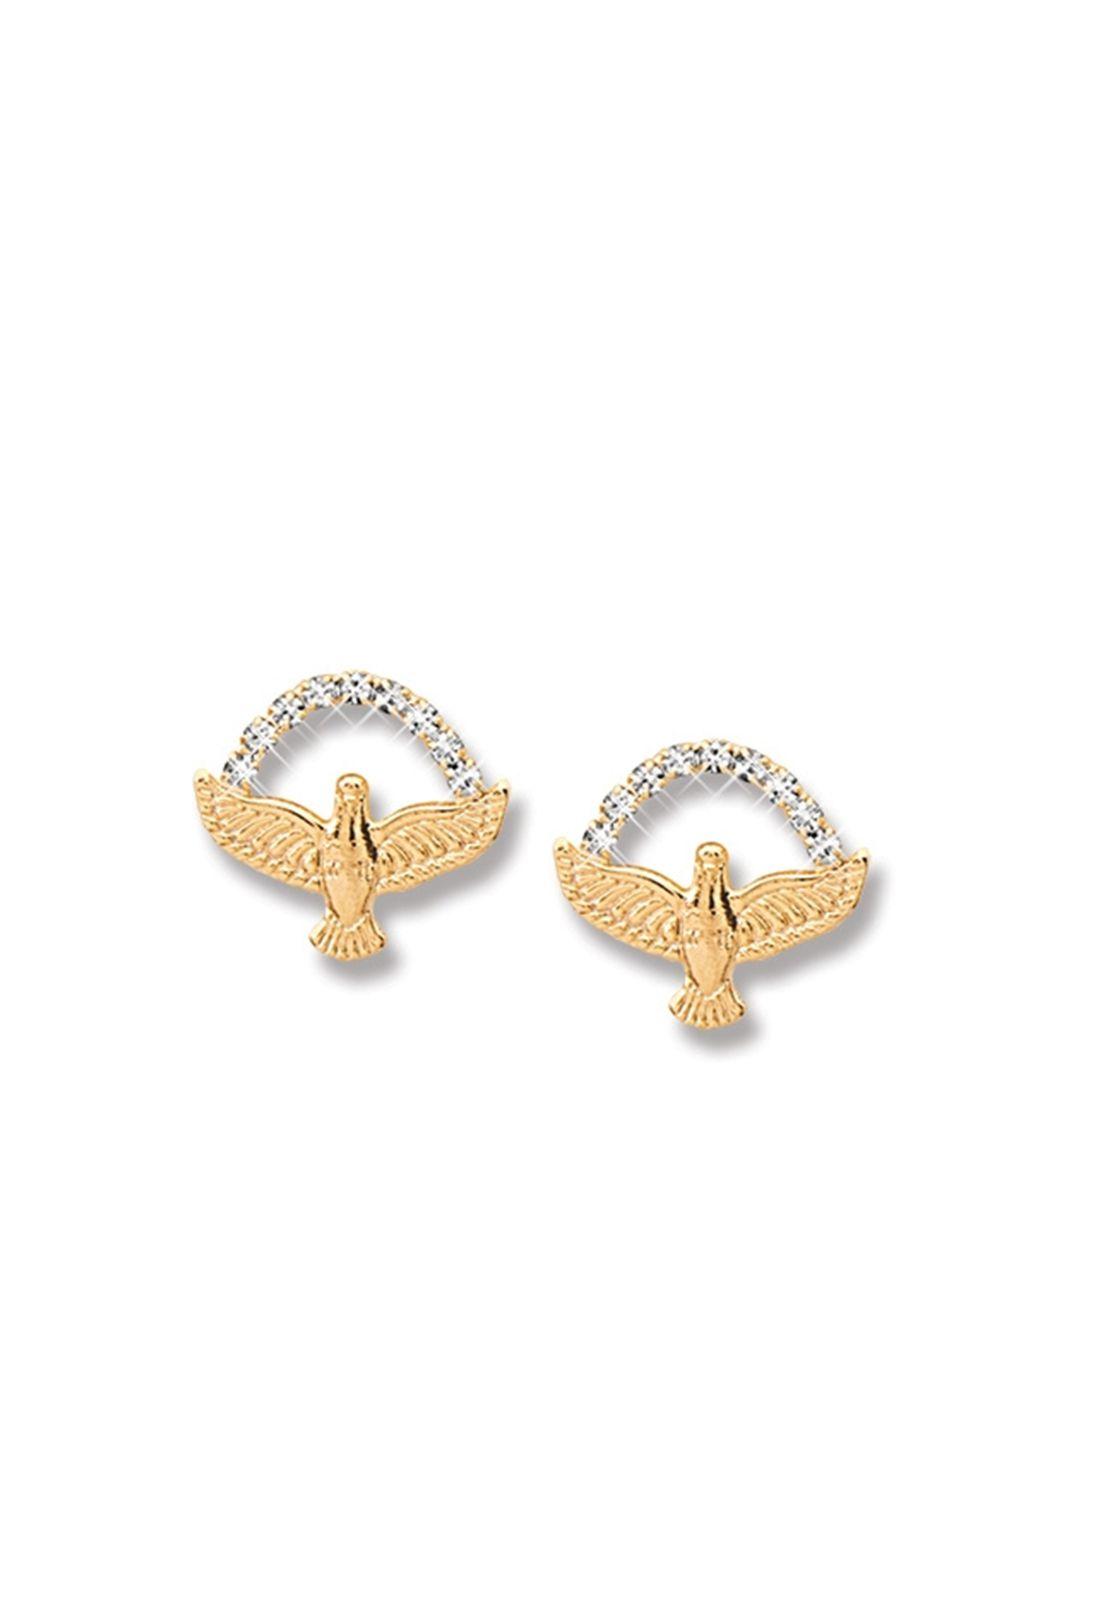 Brinco Le Diamond Mini Espirito Santo e Zircônias Dourado